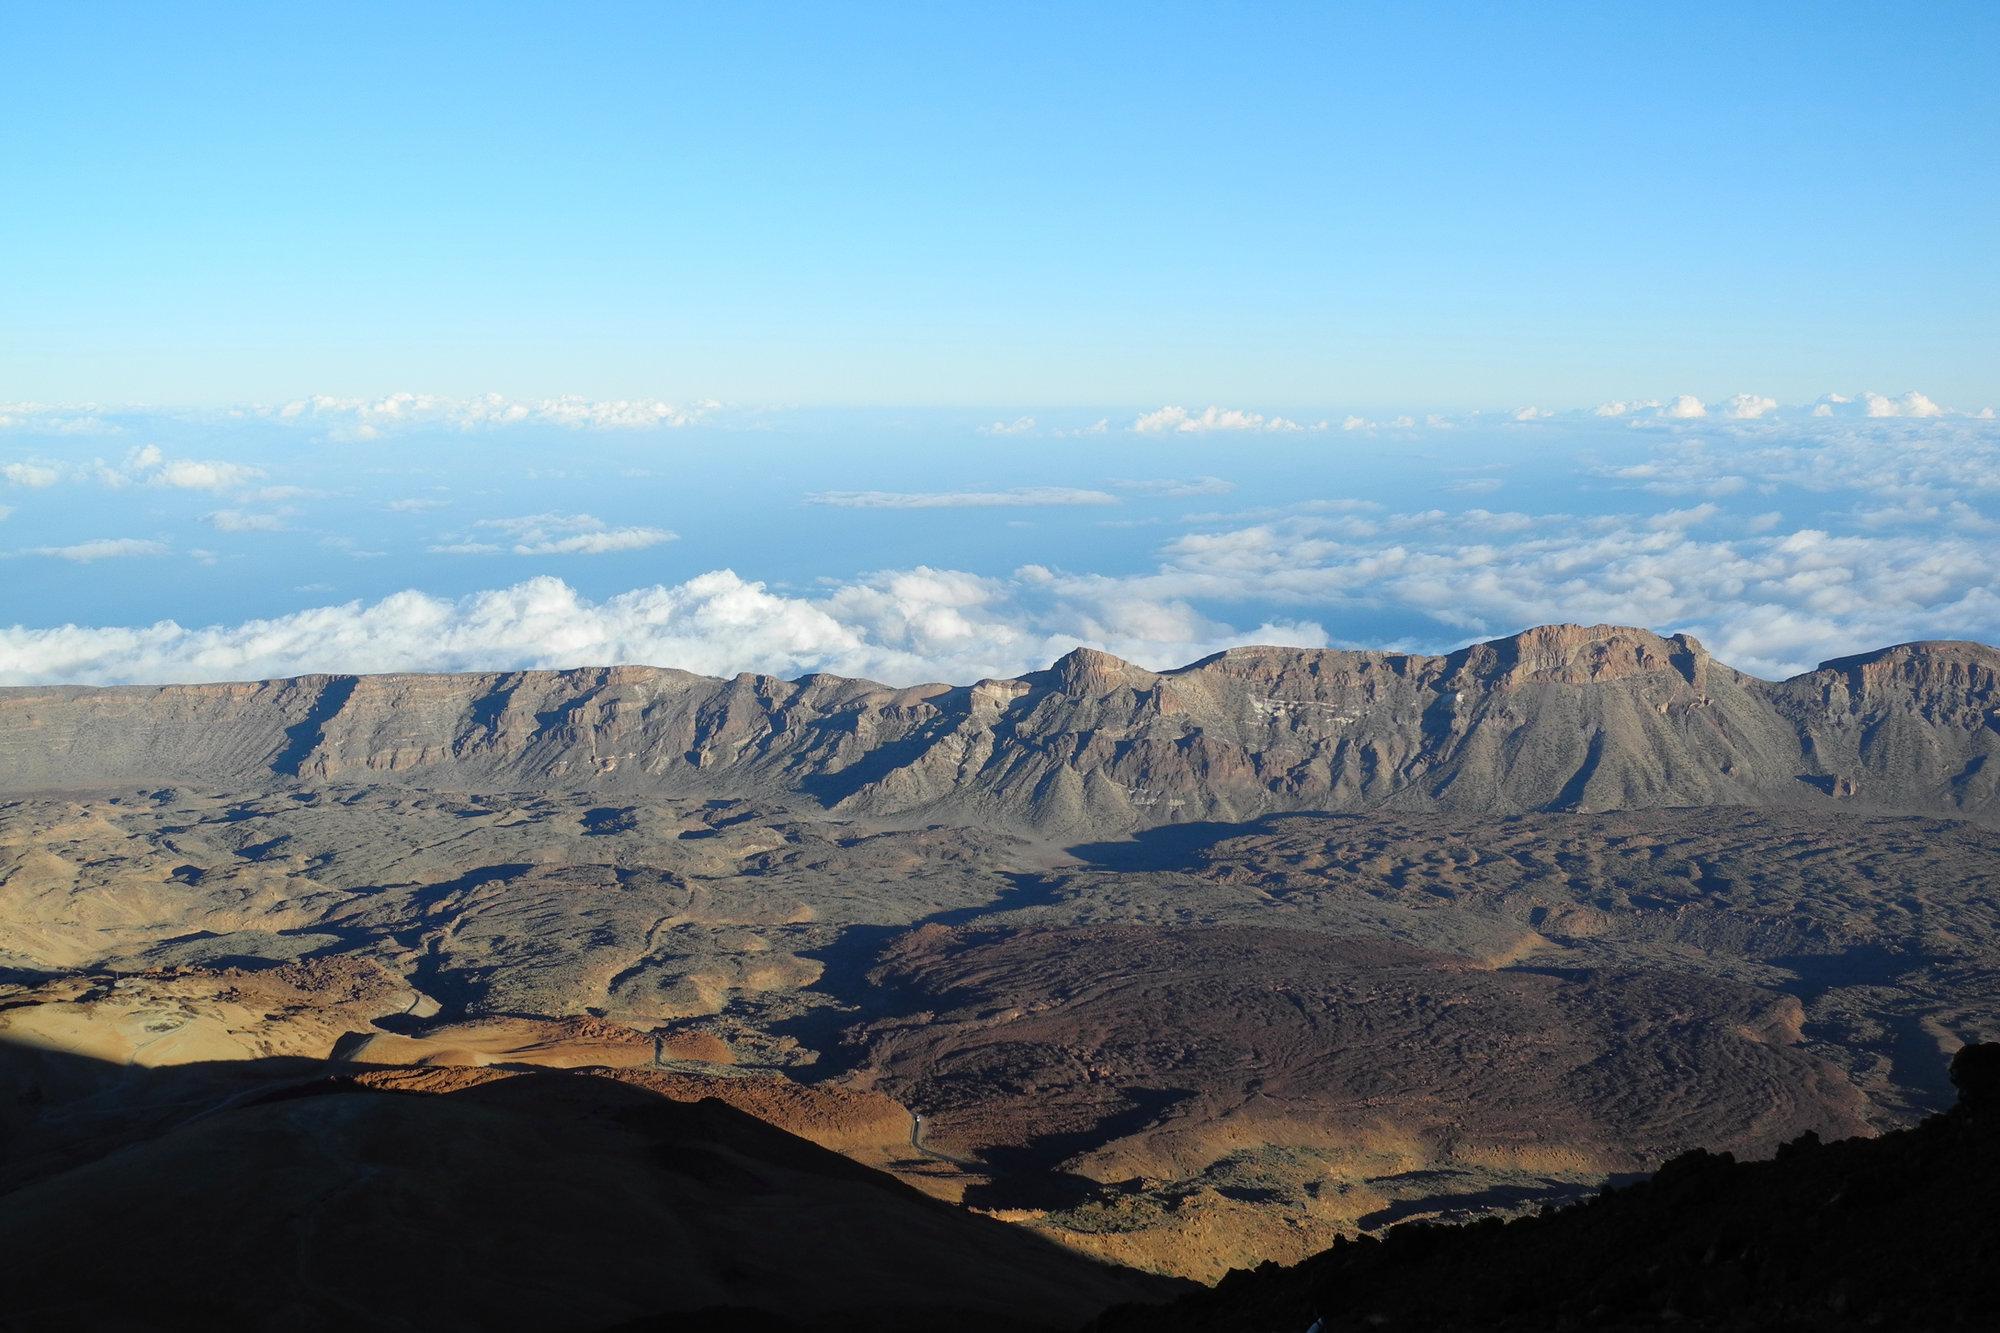 pohľad na kalderu pod sopkou Pico del Teide